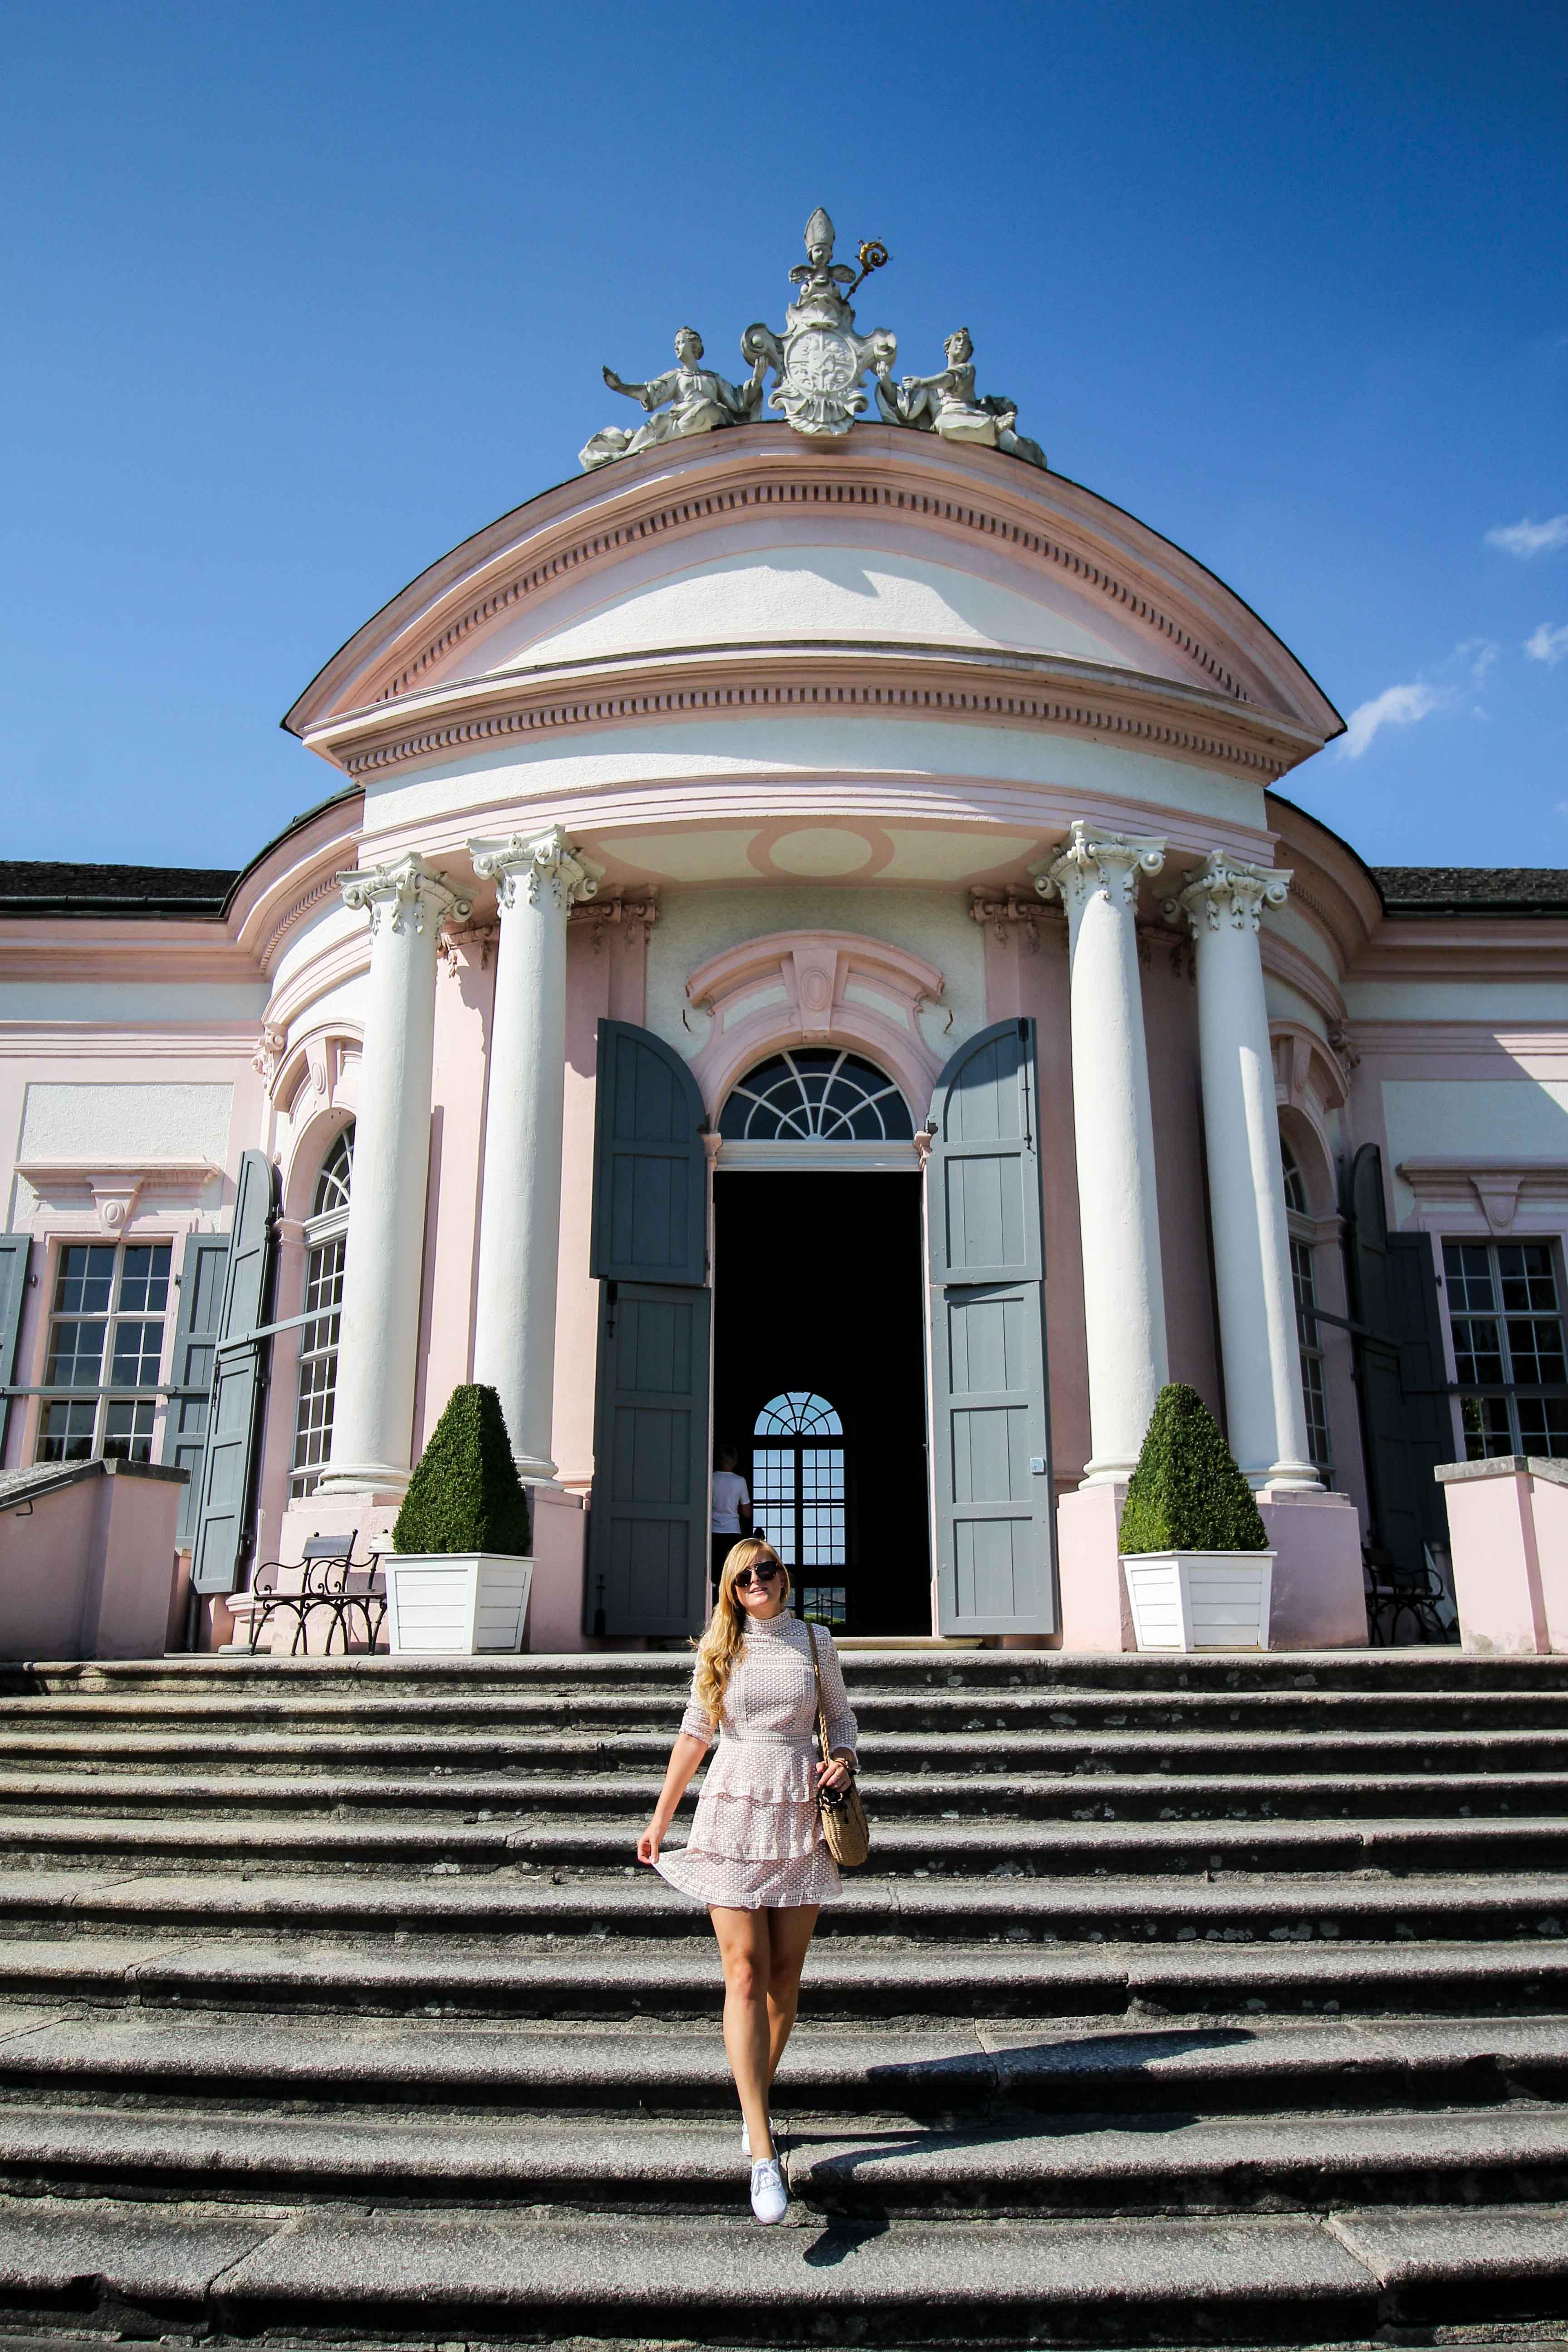 Wachau Österreich Melk Stift Melk Benediktinerkloster Gartenpavillion Insider Tipps Sehenswürdigkeiten Donaukreuzfahrt Arosa Reiseblog